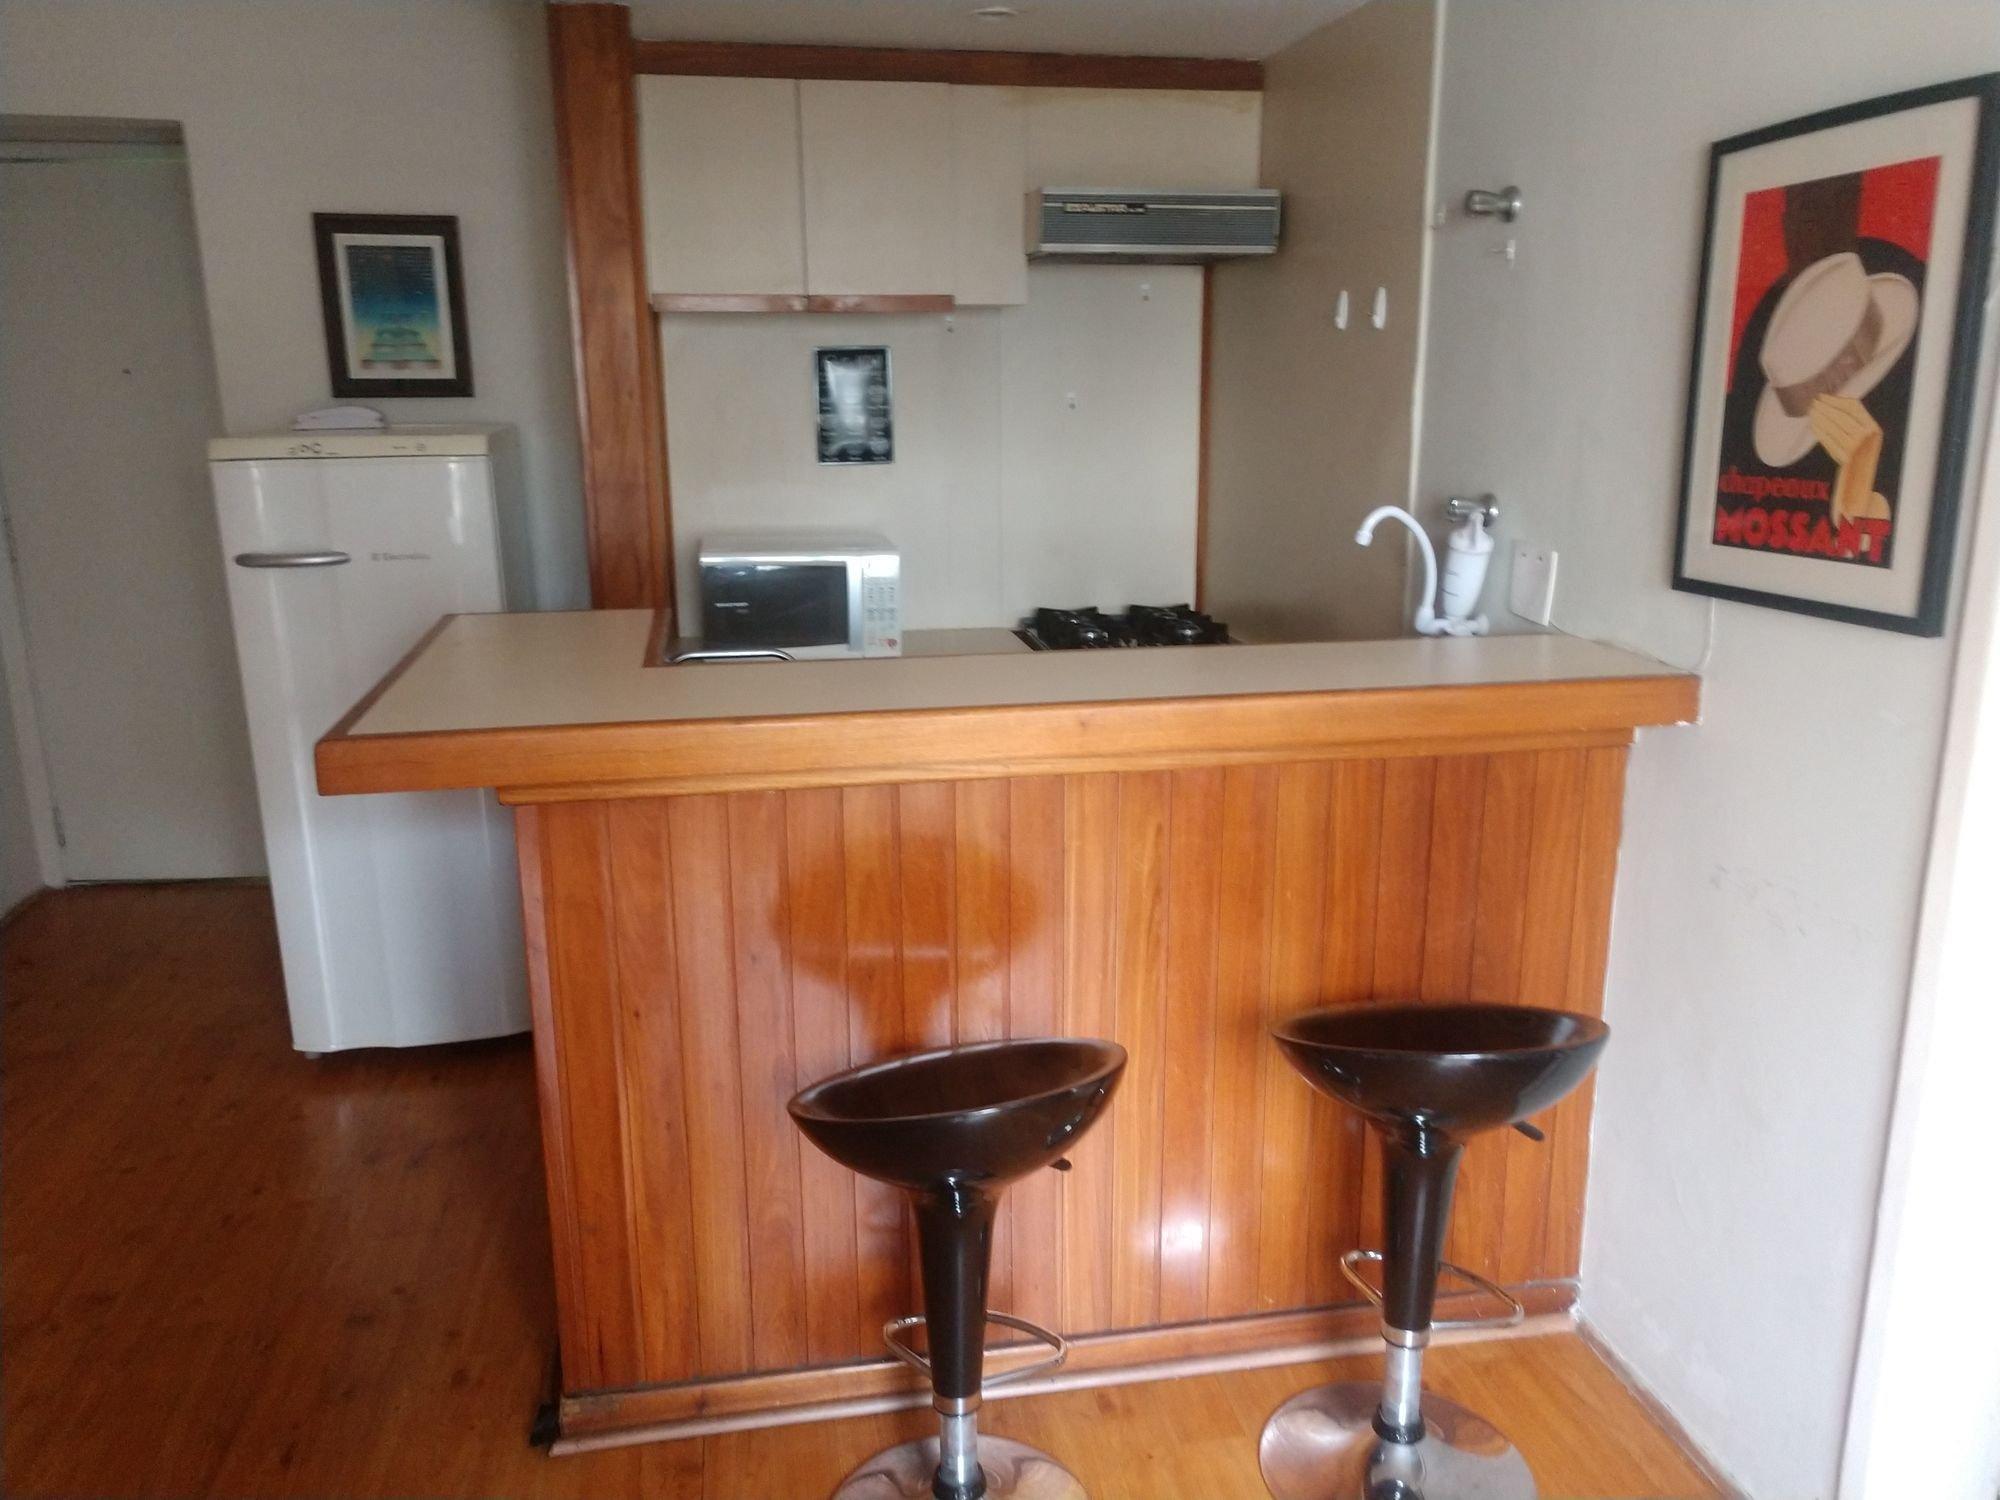 Foto de Cozinha com copo de vinho, geladeira